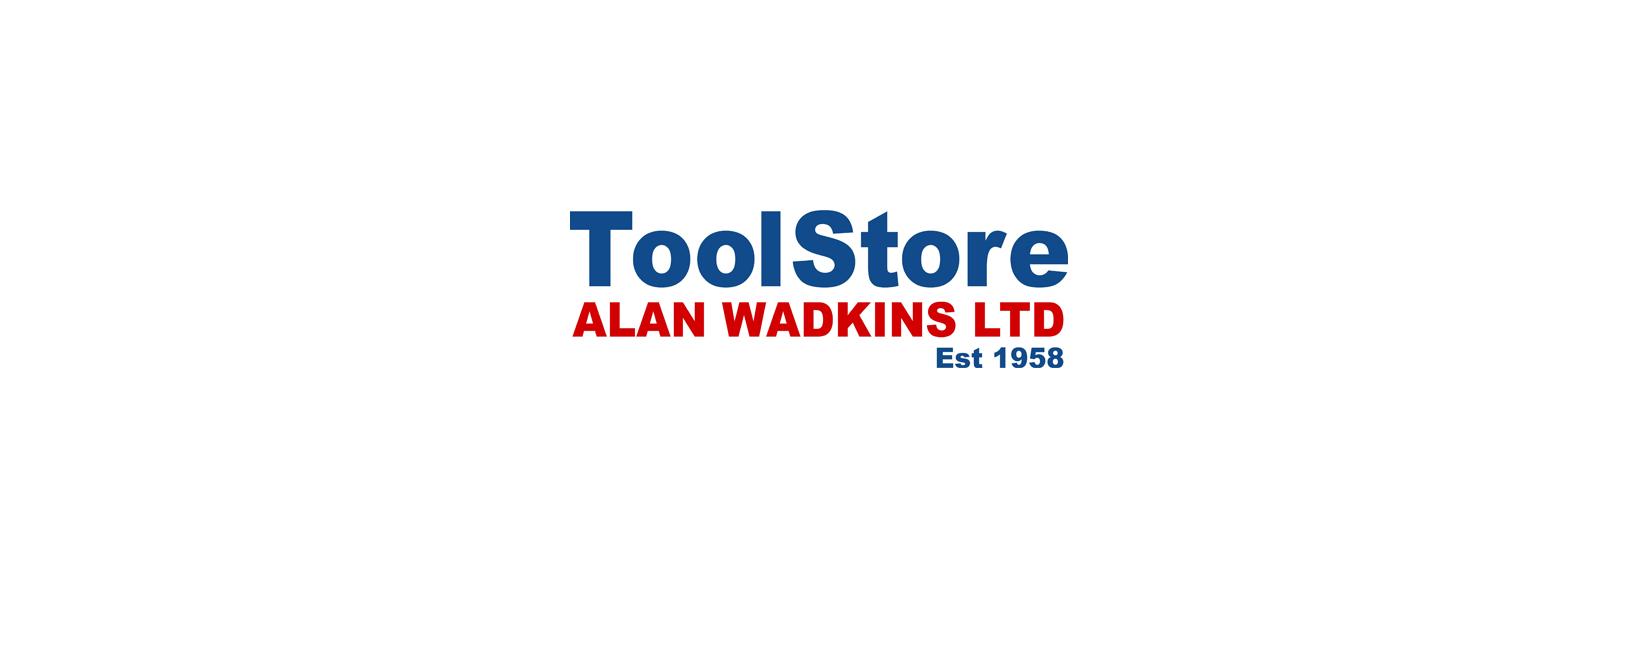 Alan Wadkins Toolstore UK Discount Code 2021